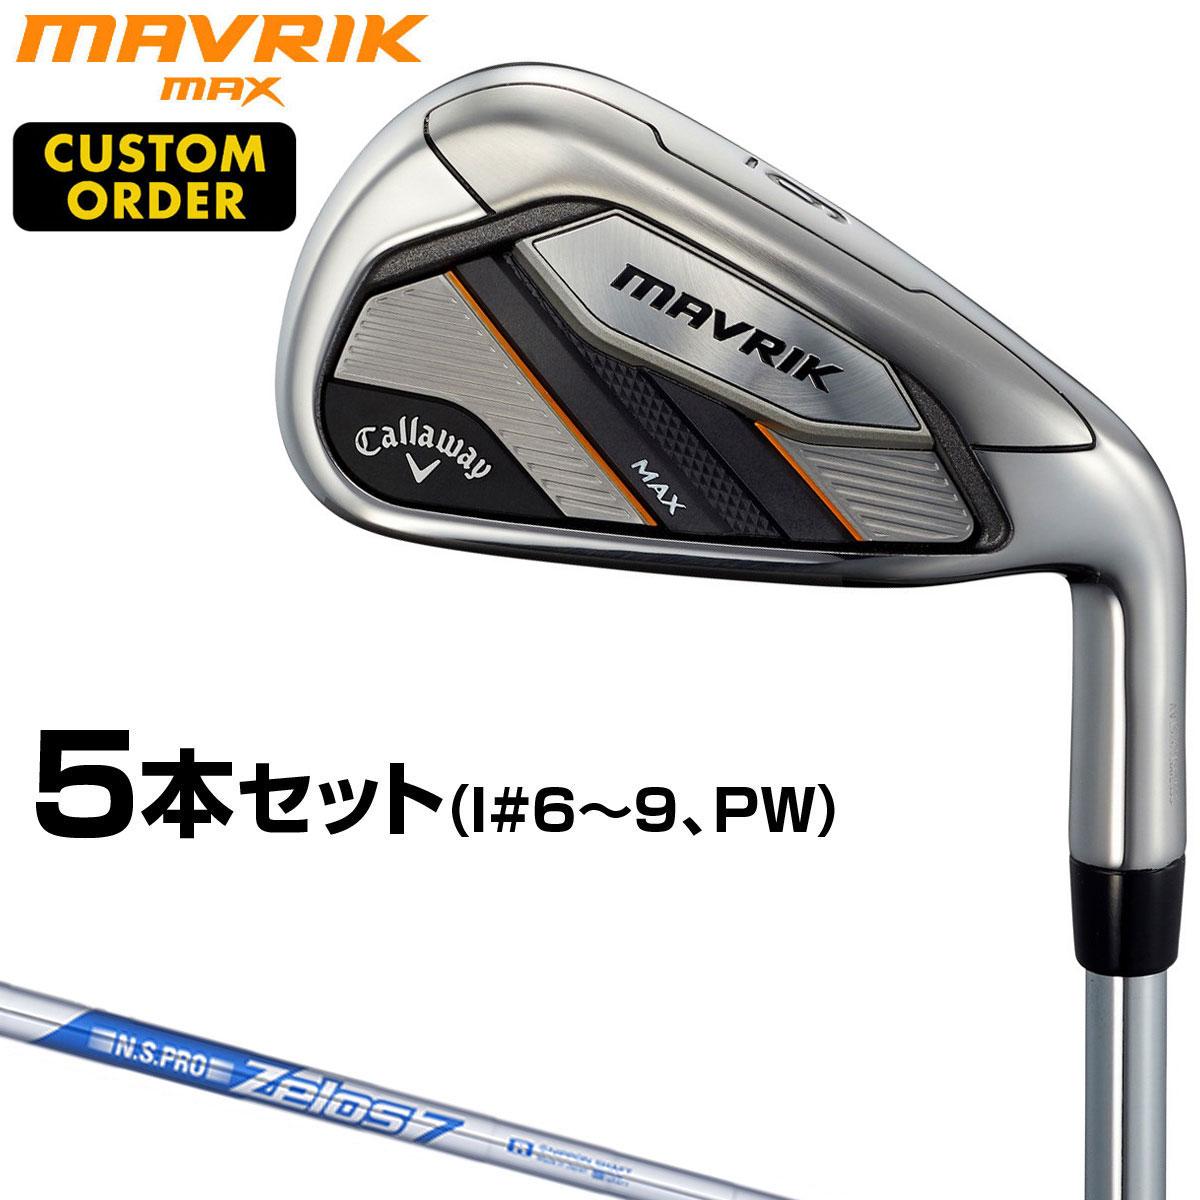 【カスタムクラブ】 Callaway(キャロウェイ)日本正規品 MAVRIK MAX(マーベリックマックス)アイアン 2020新製品 NSPRO Zelos7スチールシャフト 5本セット(I#6~9、PW)